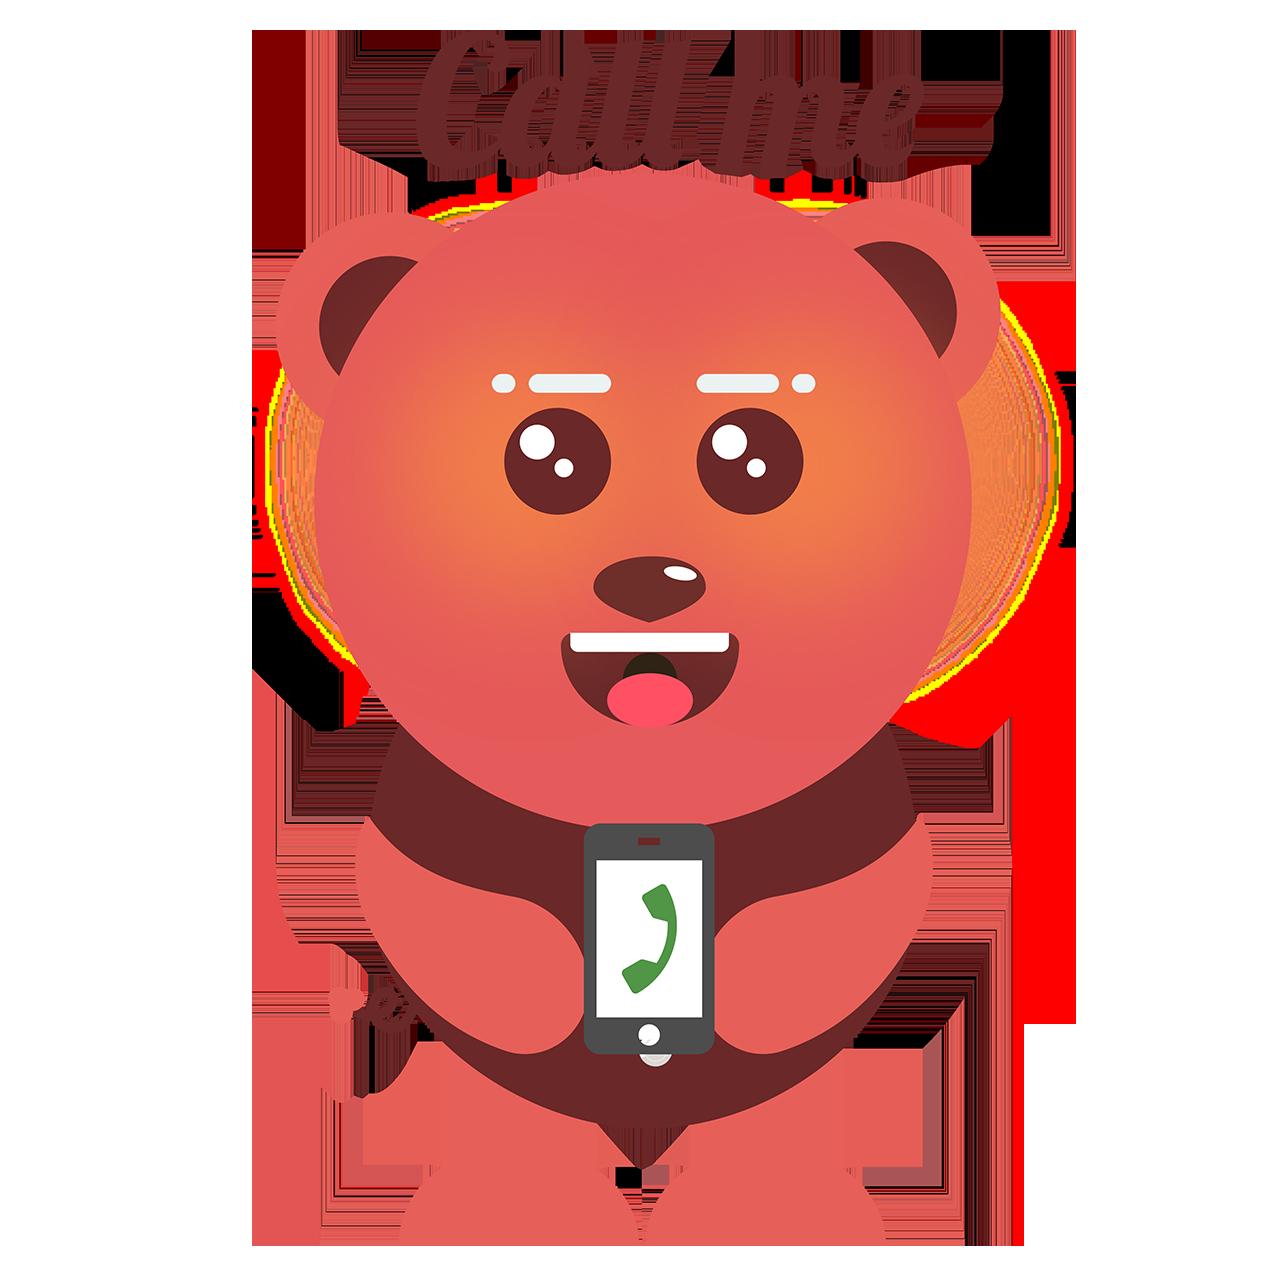 Tomato Soni messages sticker-4